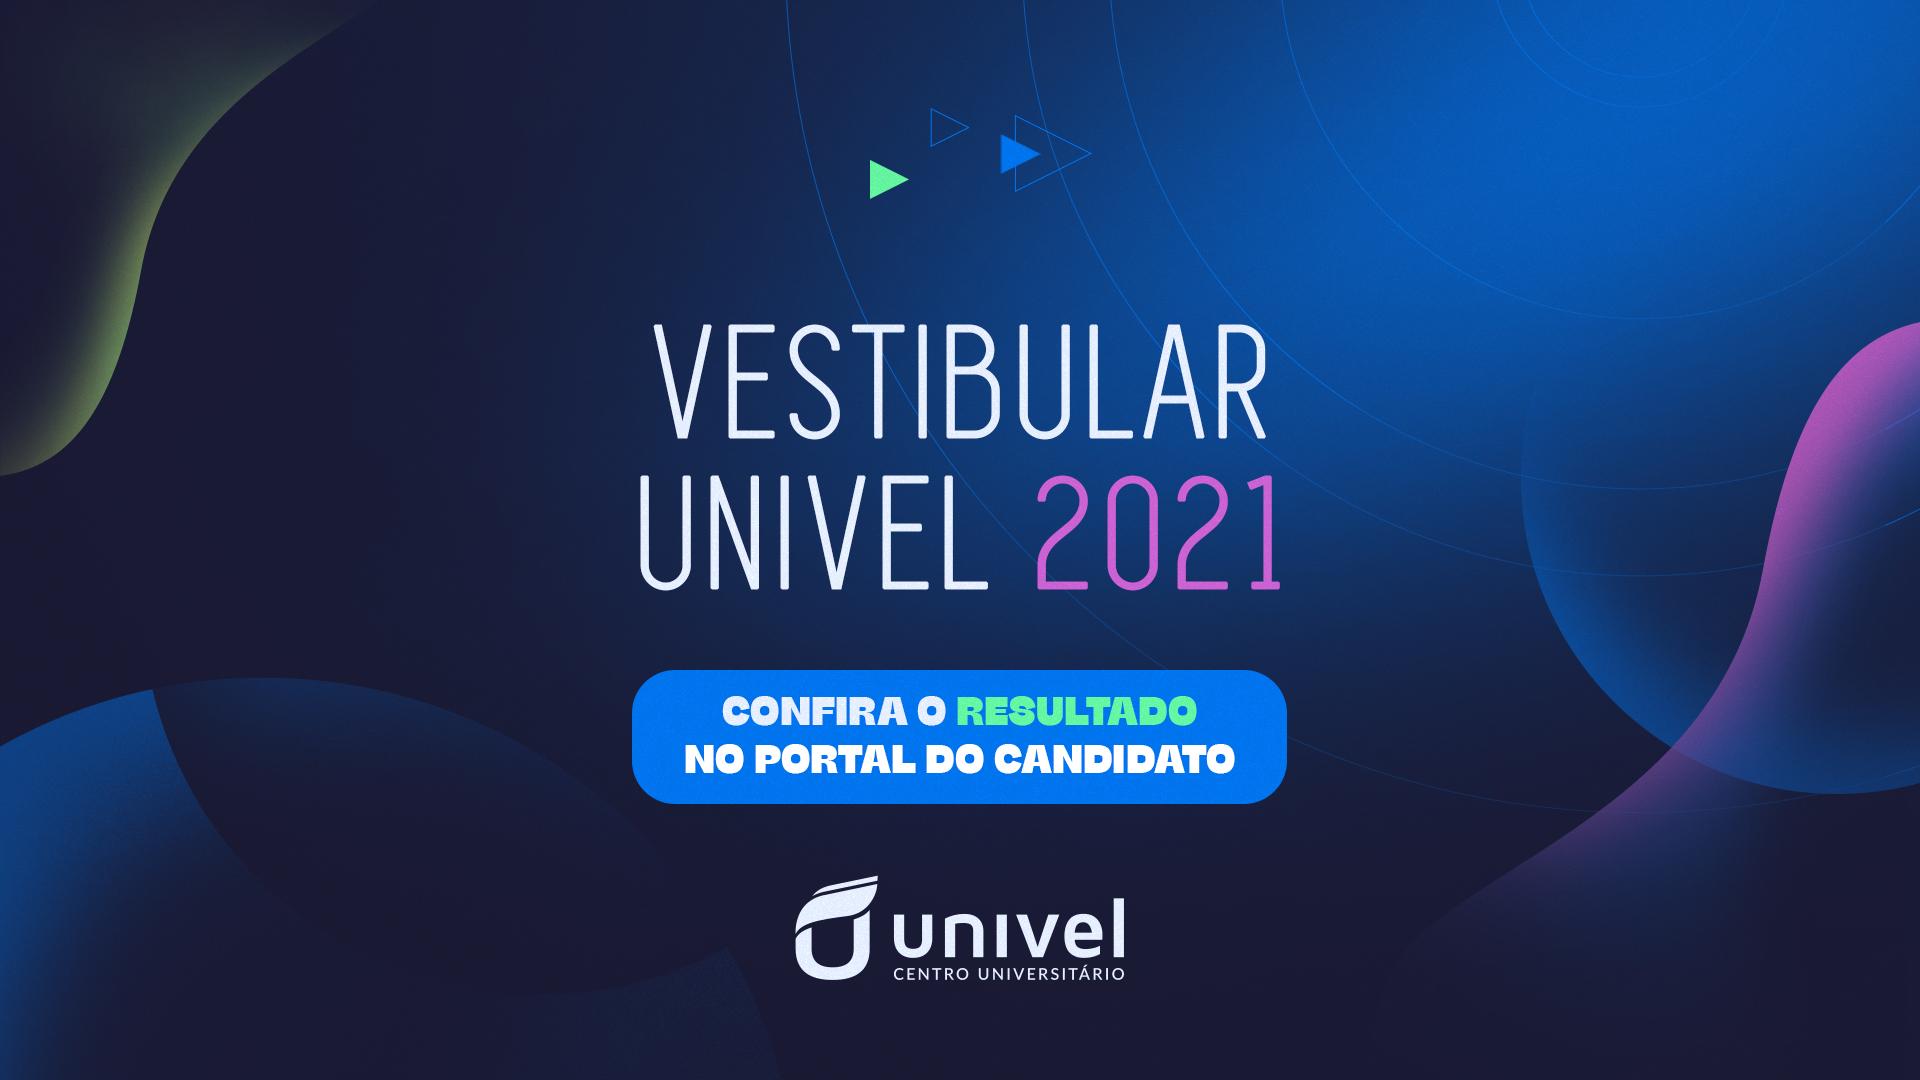 Vestibular Univel 2021